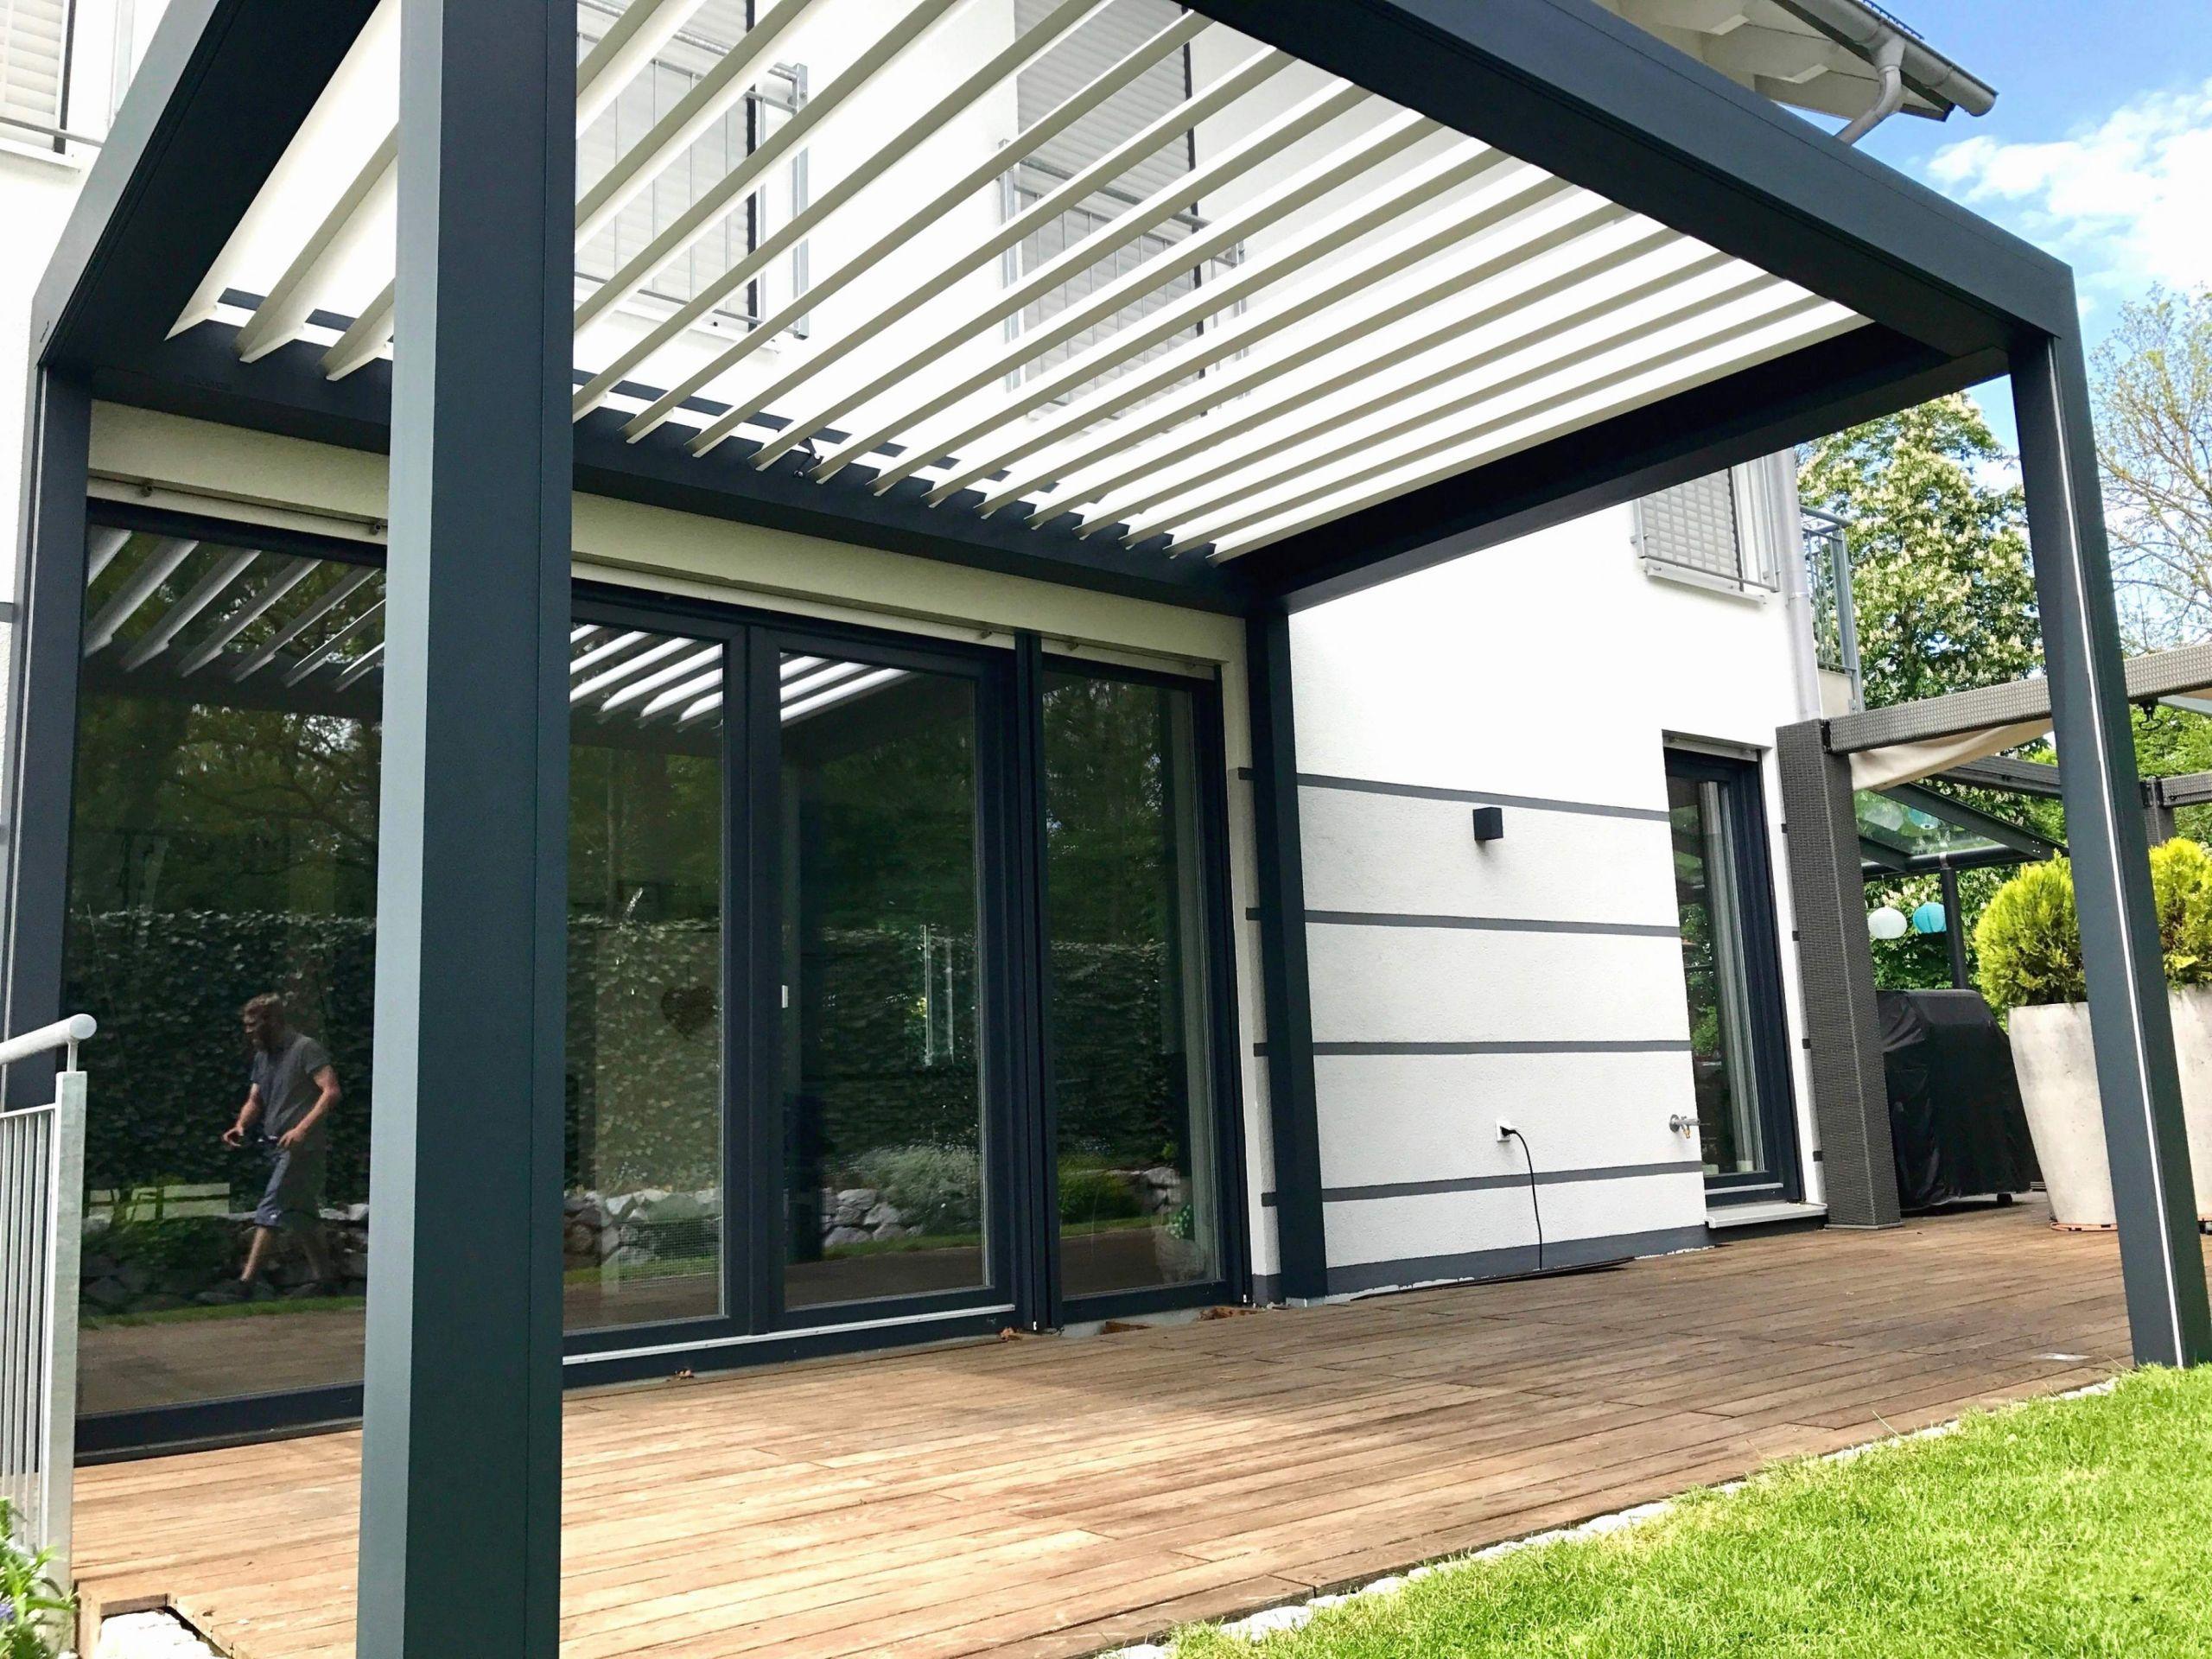 wintergarten selber bauen 40 entwurf kein balkon alternative kein balkon alternative 1